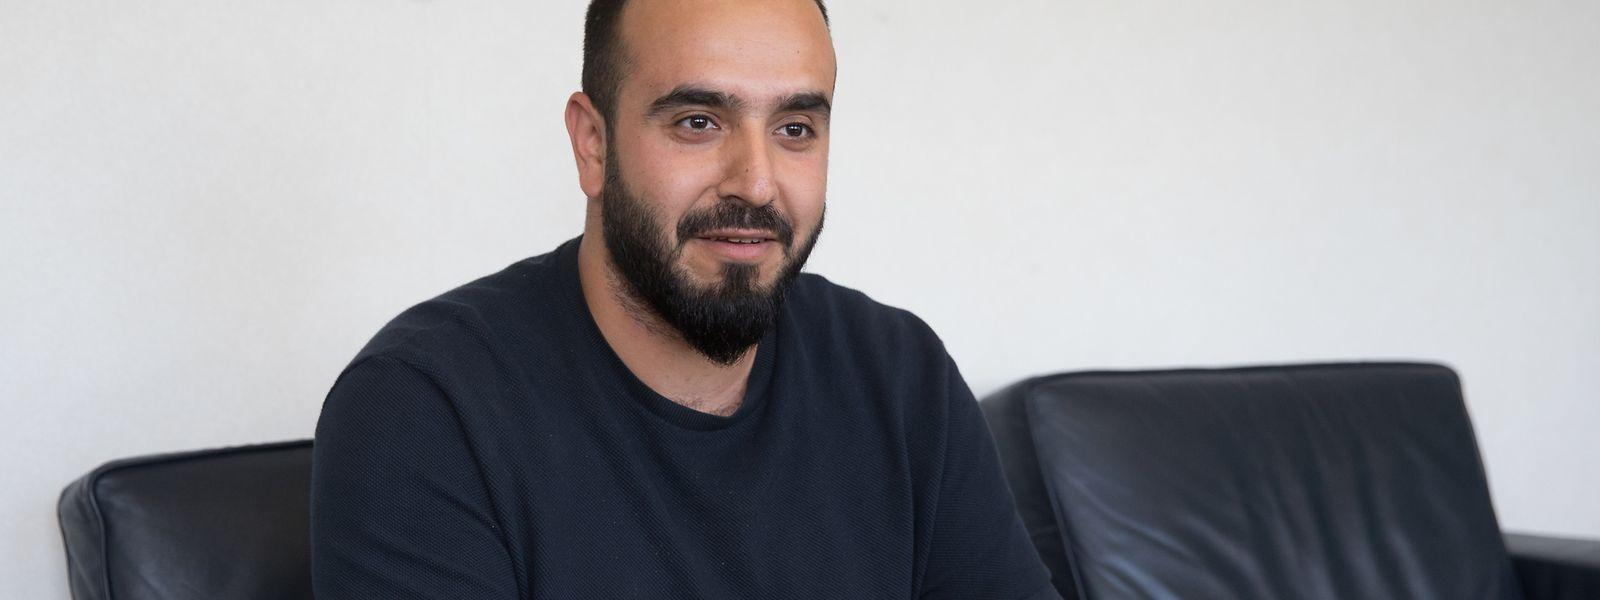 Ahmed Alabdulmohsen hat einen Menschen gerettet. Als Held fühlt er sich aber nicht.